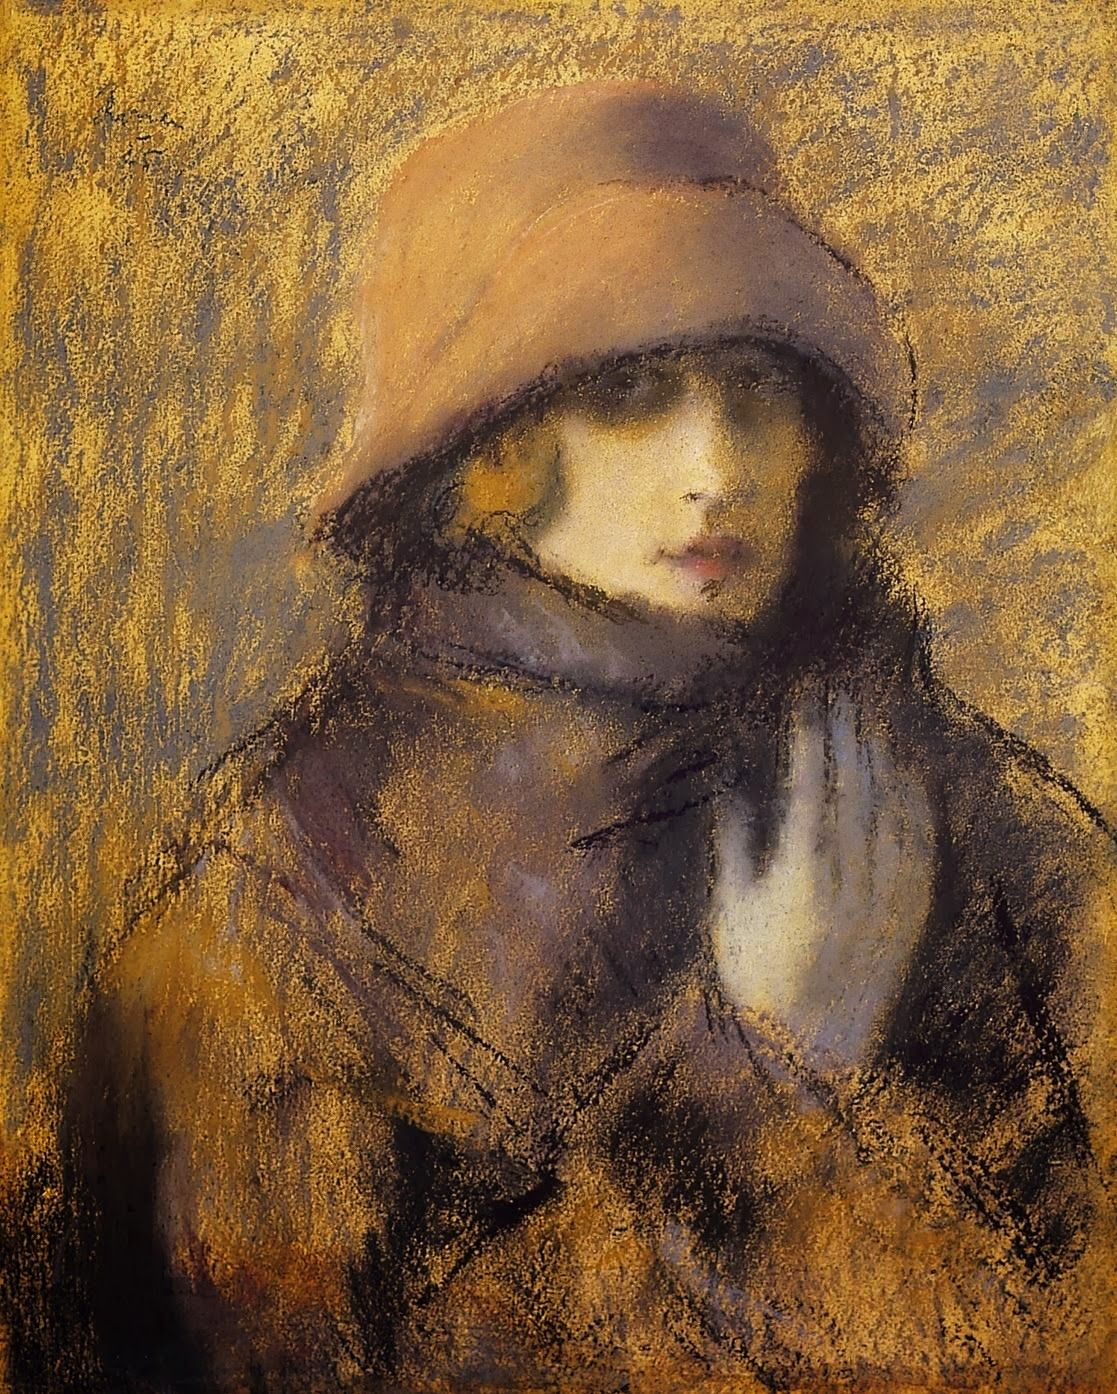 Jozsef Rippl Ronai Post Impressionist Painter Post Impressionists Portrait Art Art